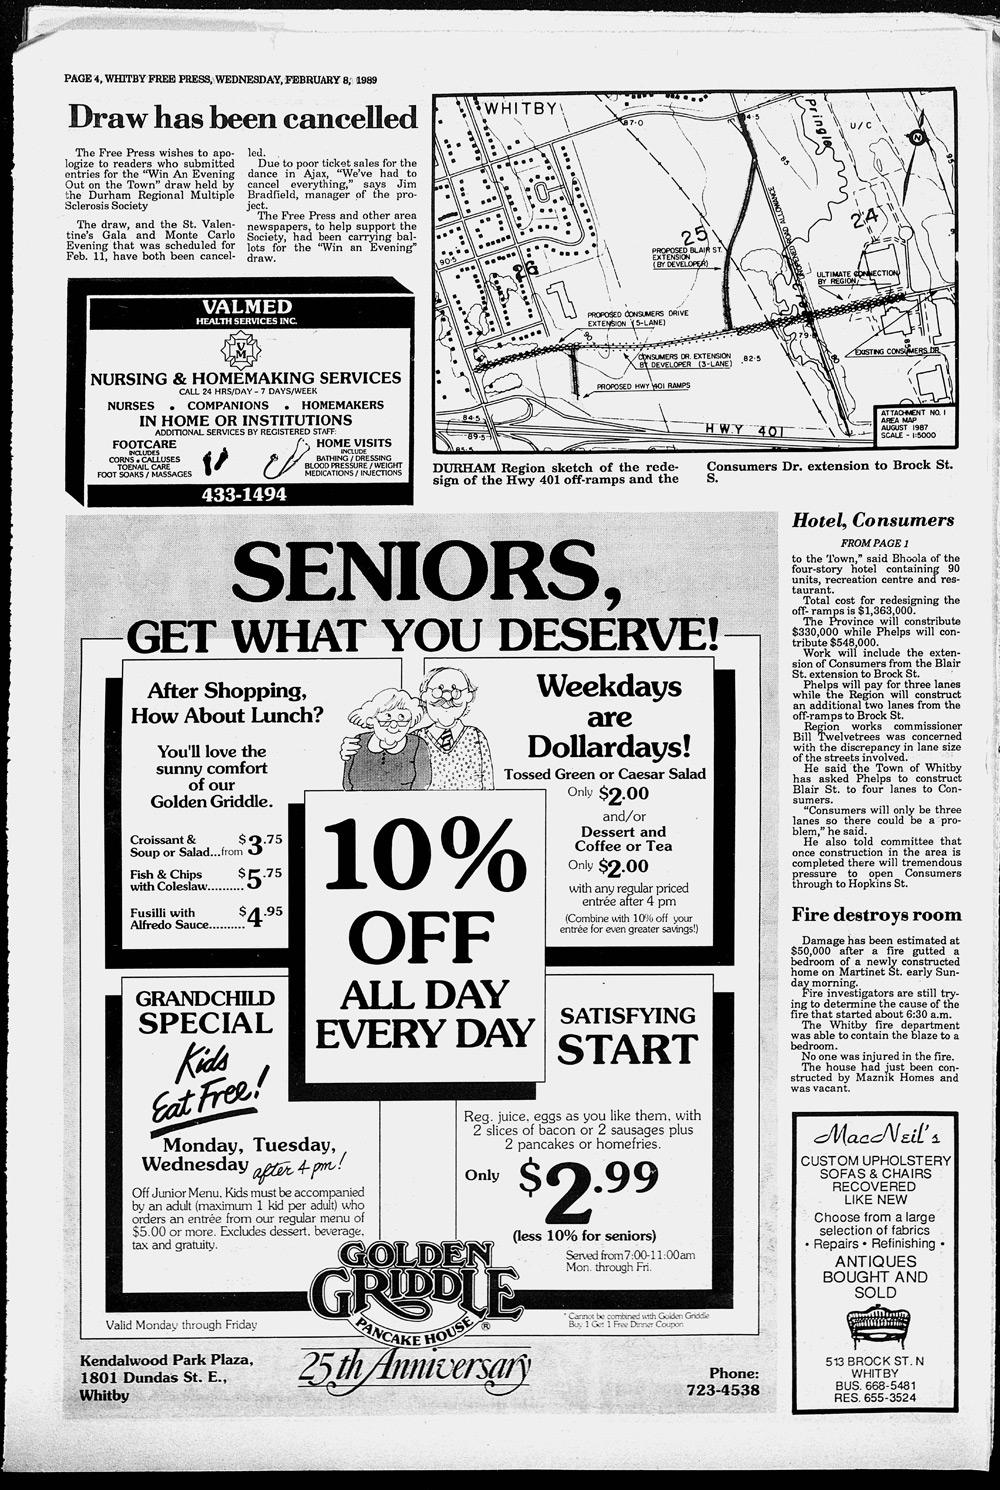 Whitby Free Press, 8 Feb 1989